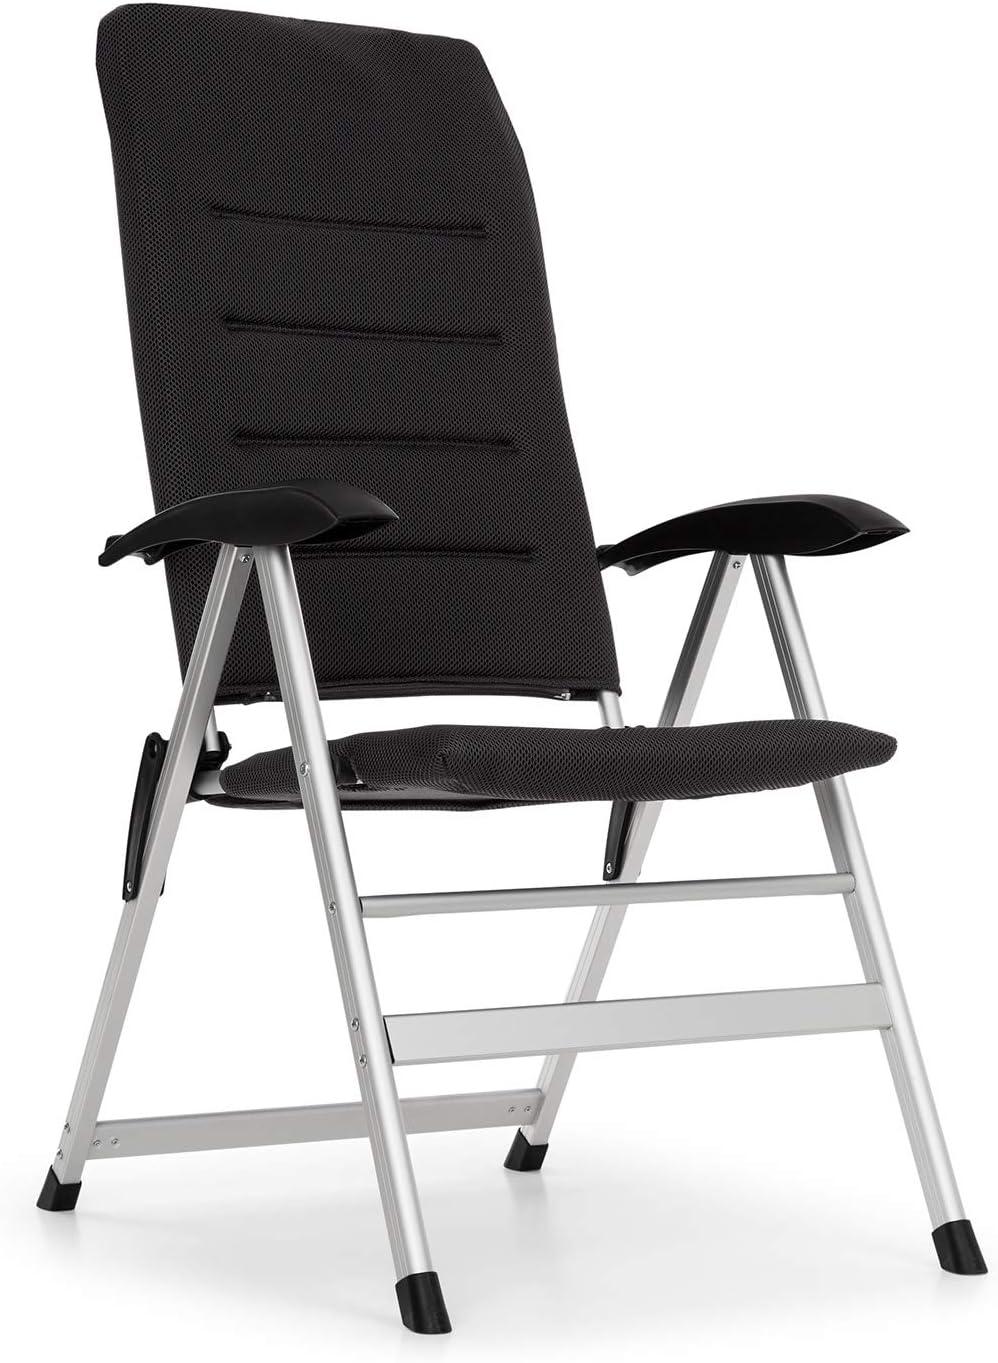 Blumfeldt Almagro Garden Chair Silla para Exteriores - Respaldo Regulable a 6 Alturas, Gomaespuma con 2 cm de Acolchado, Patas Hechas enteramente de Aluminio, Plegable, Negro